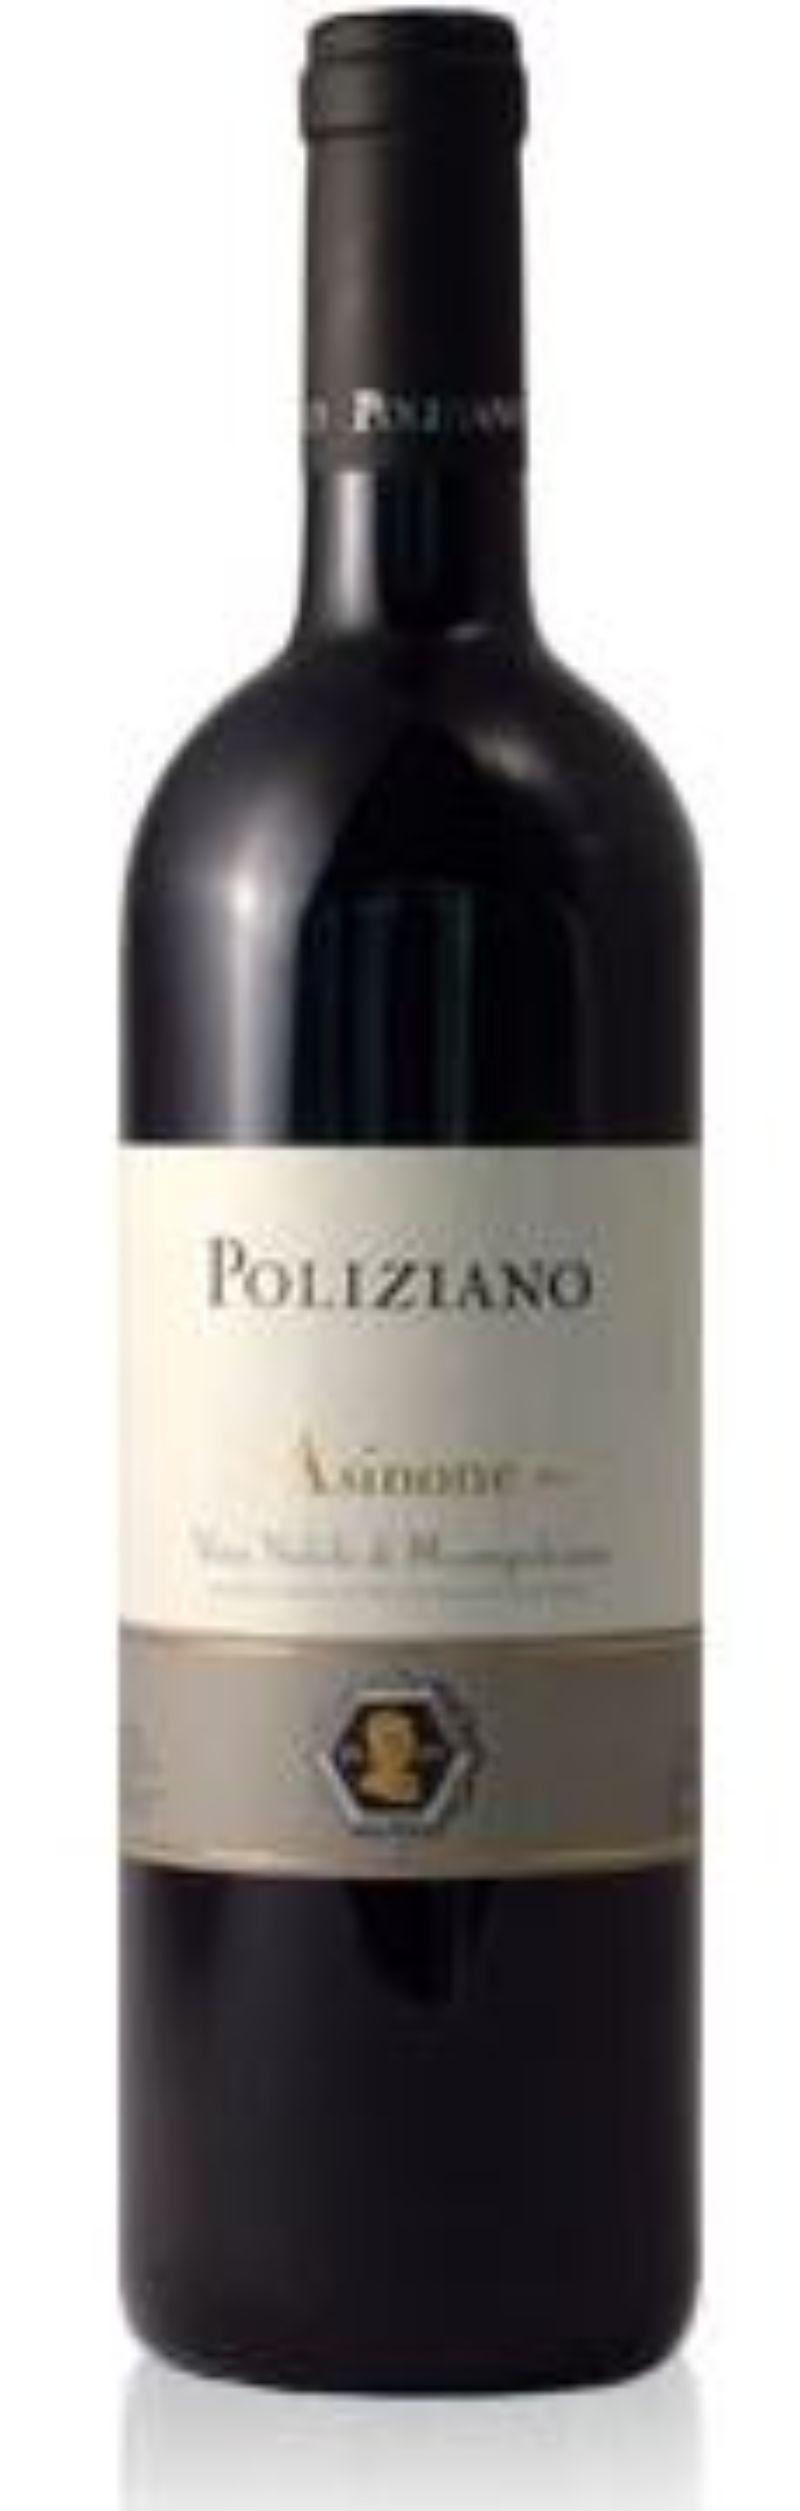 NOBILE-DI-MONTEPULCIANO-ASINONE-1997-POLIZIANO